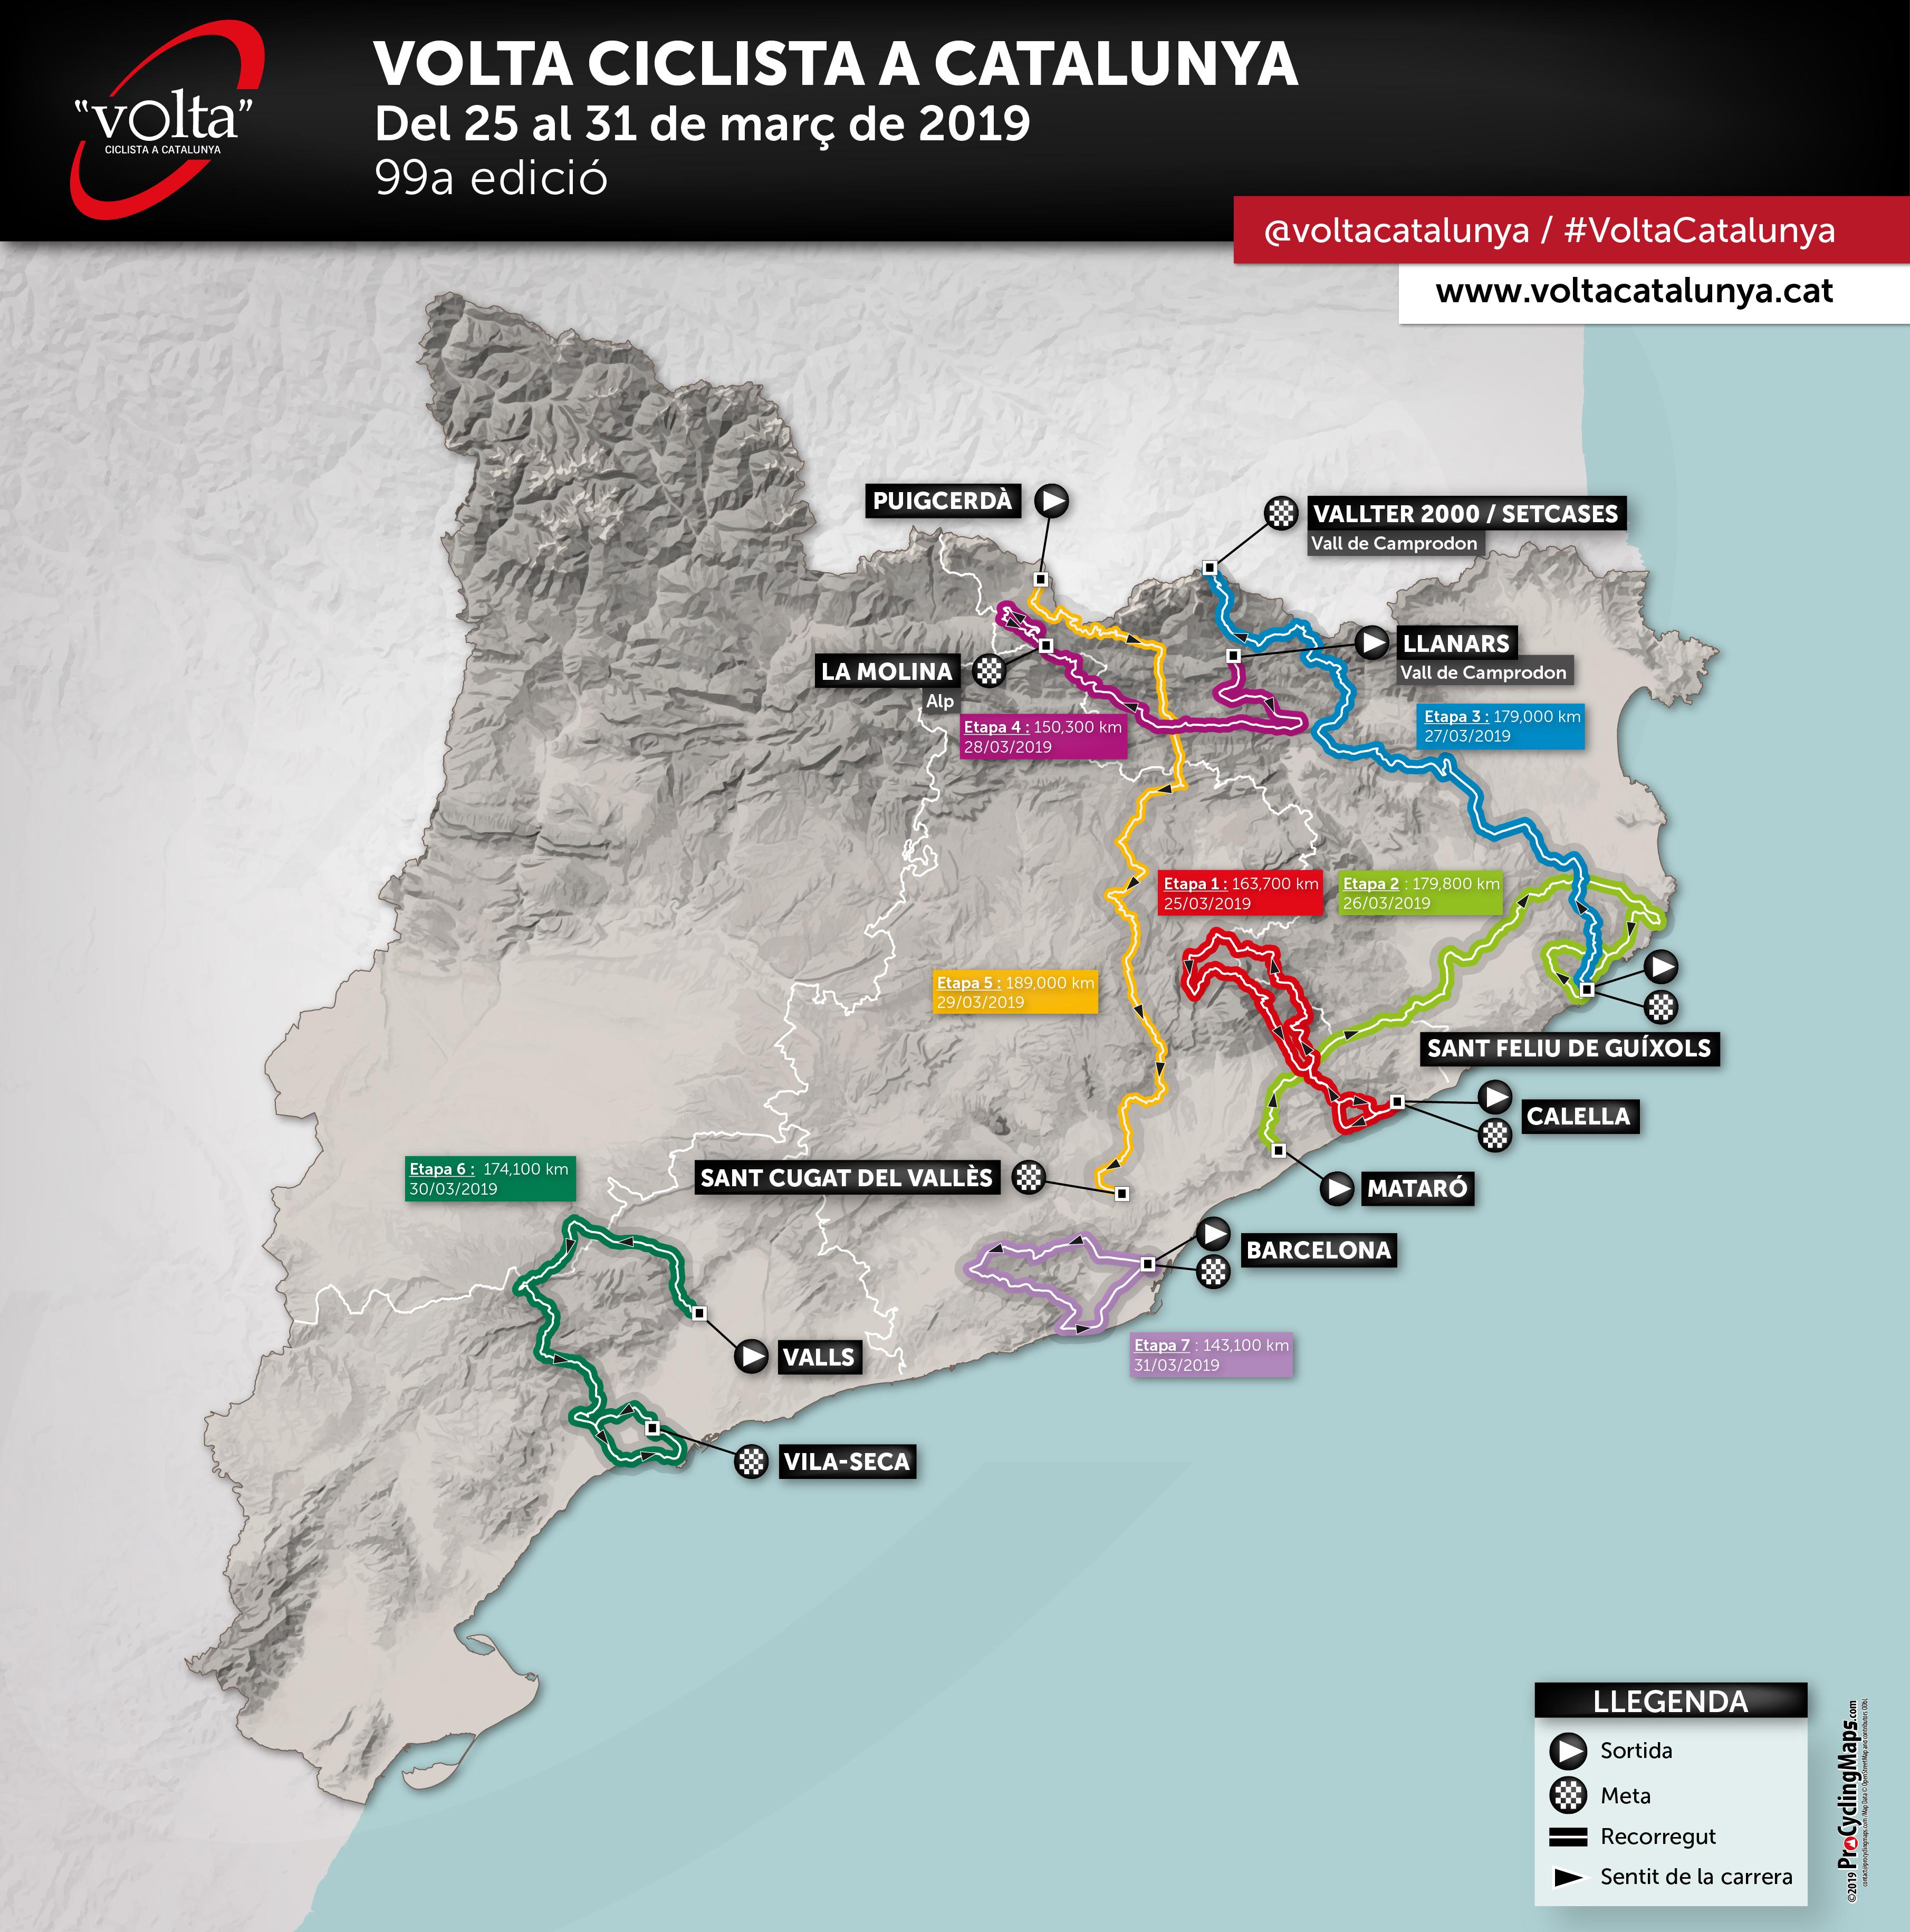 Volta a Catalunya 2019 - Mapa general